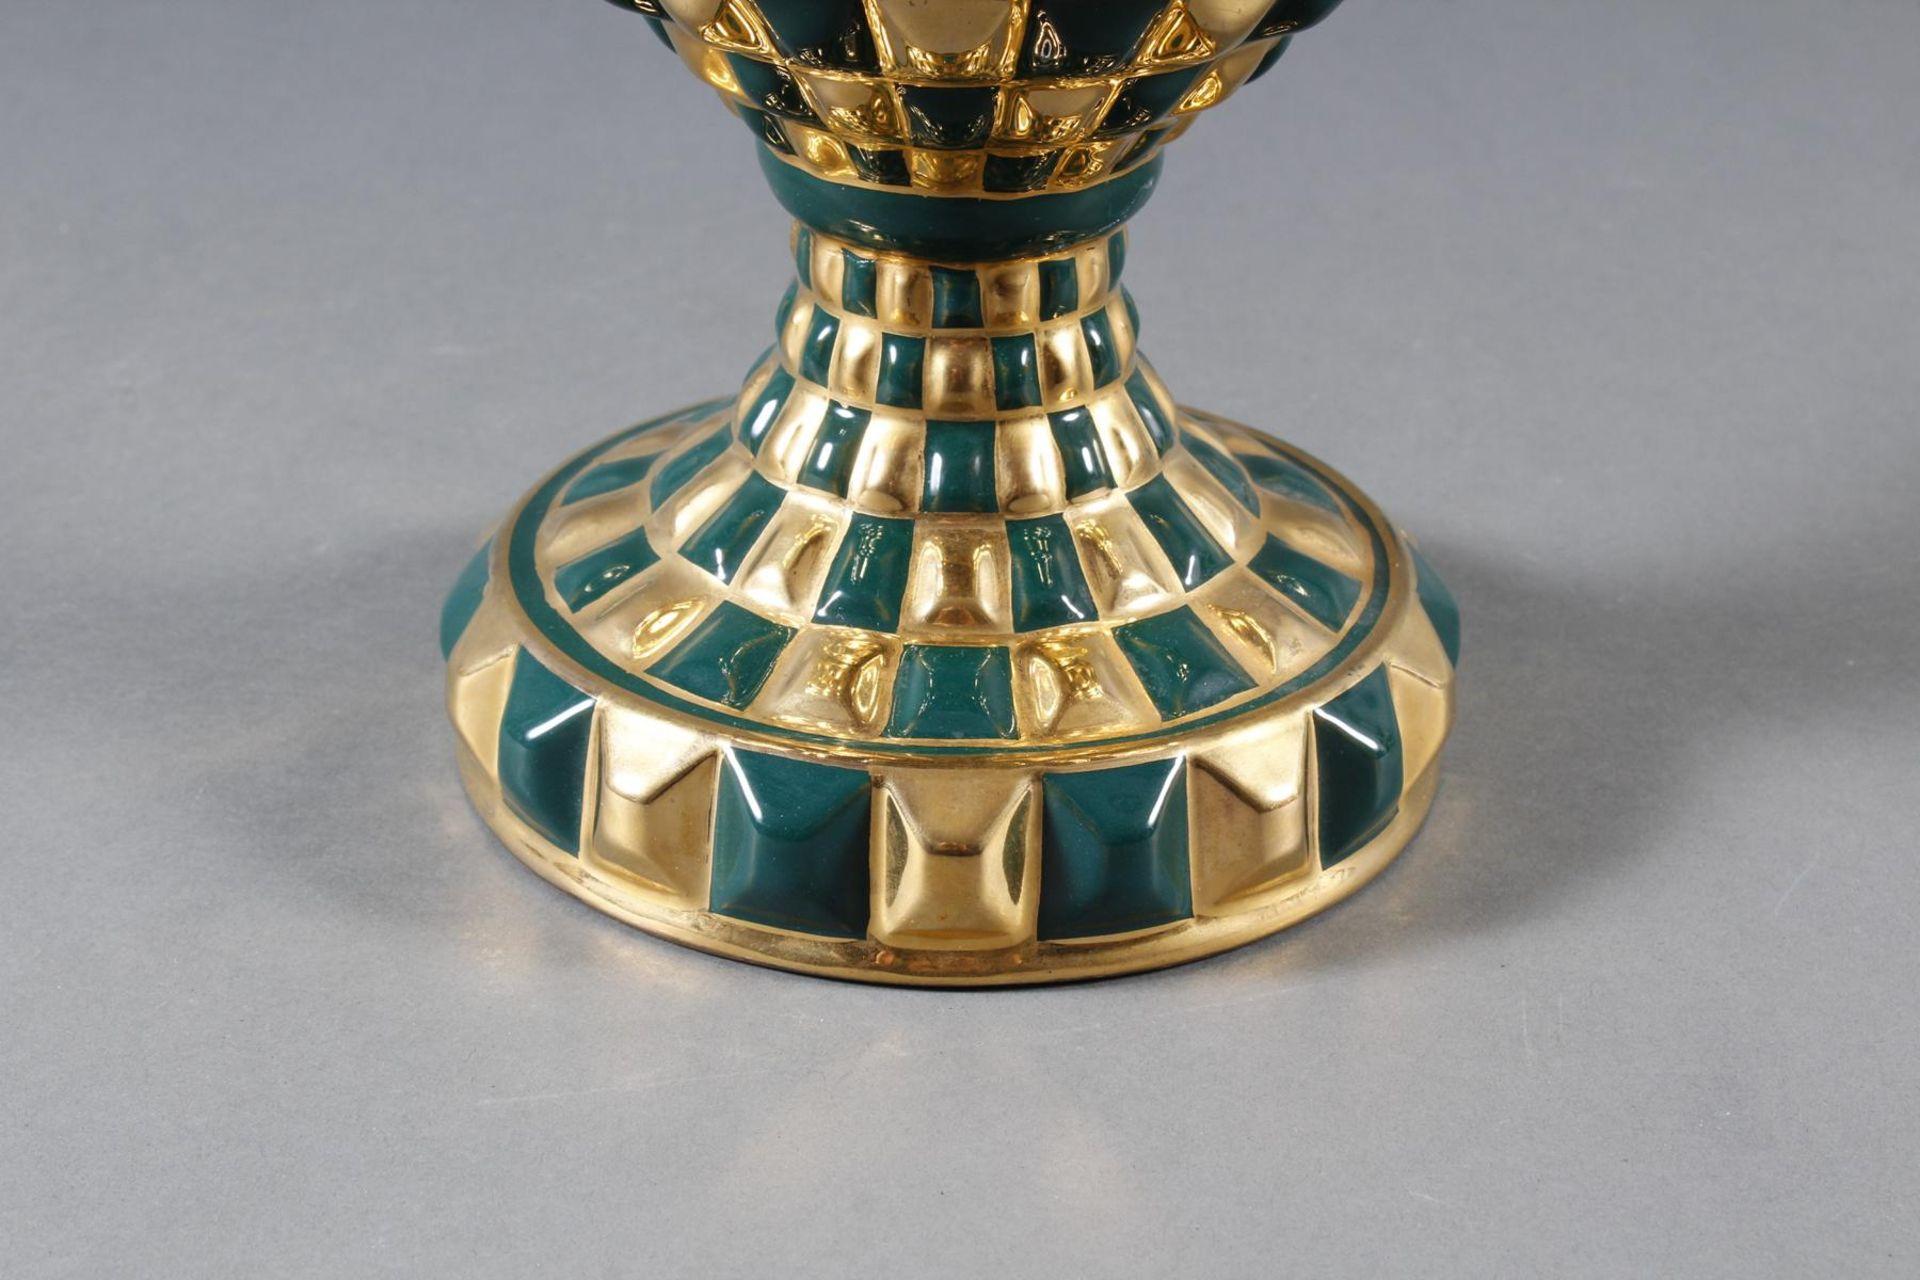 Designer-Keramikvase, wohl 1960er Jahre - Bild 2 aus 5